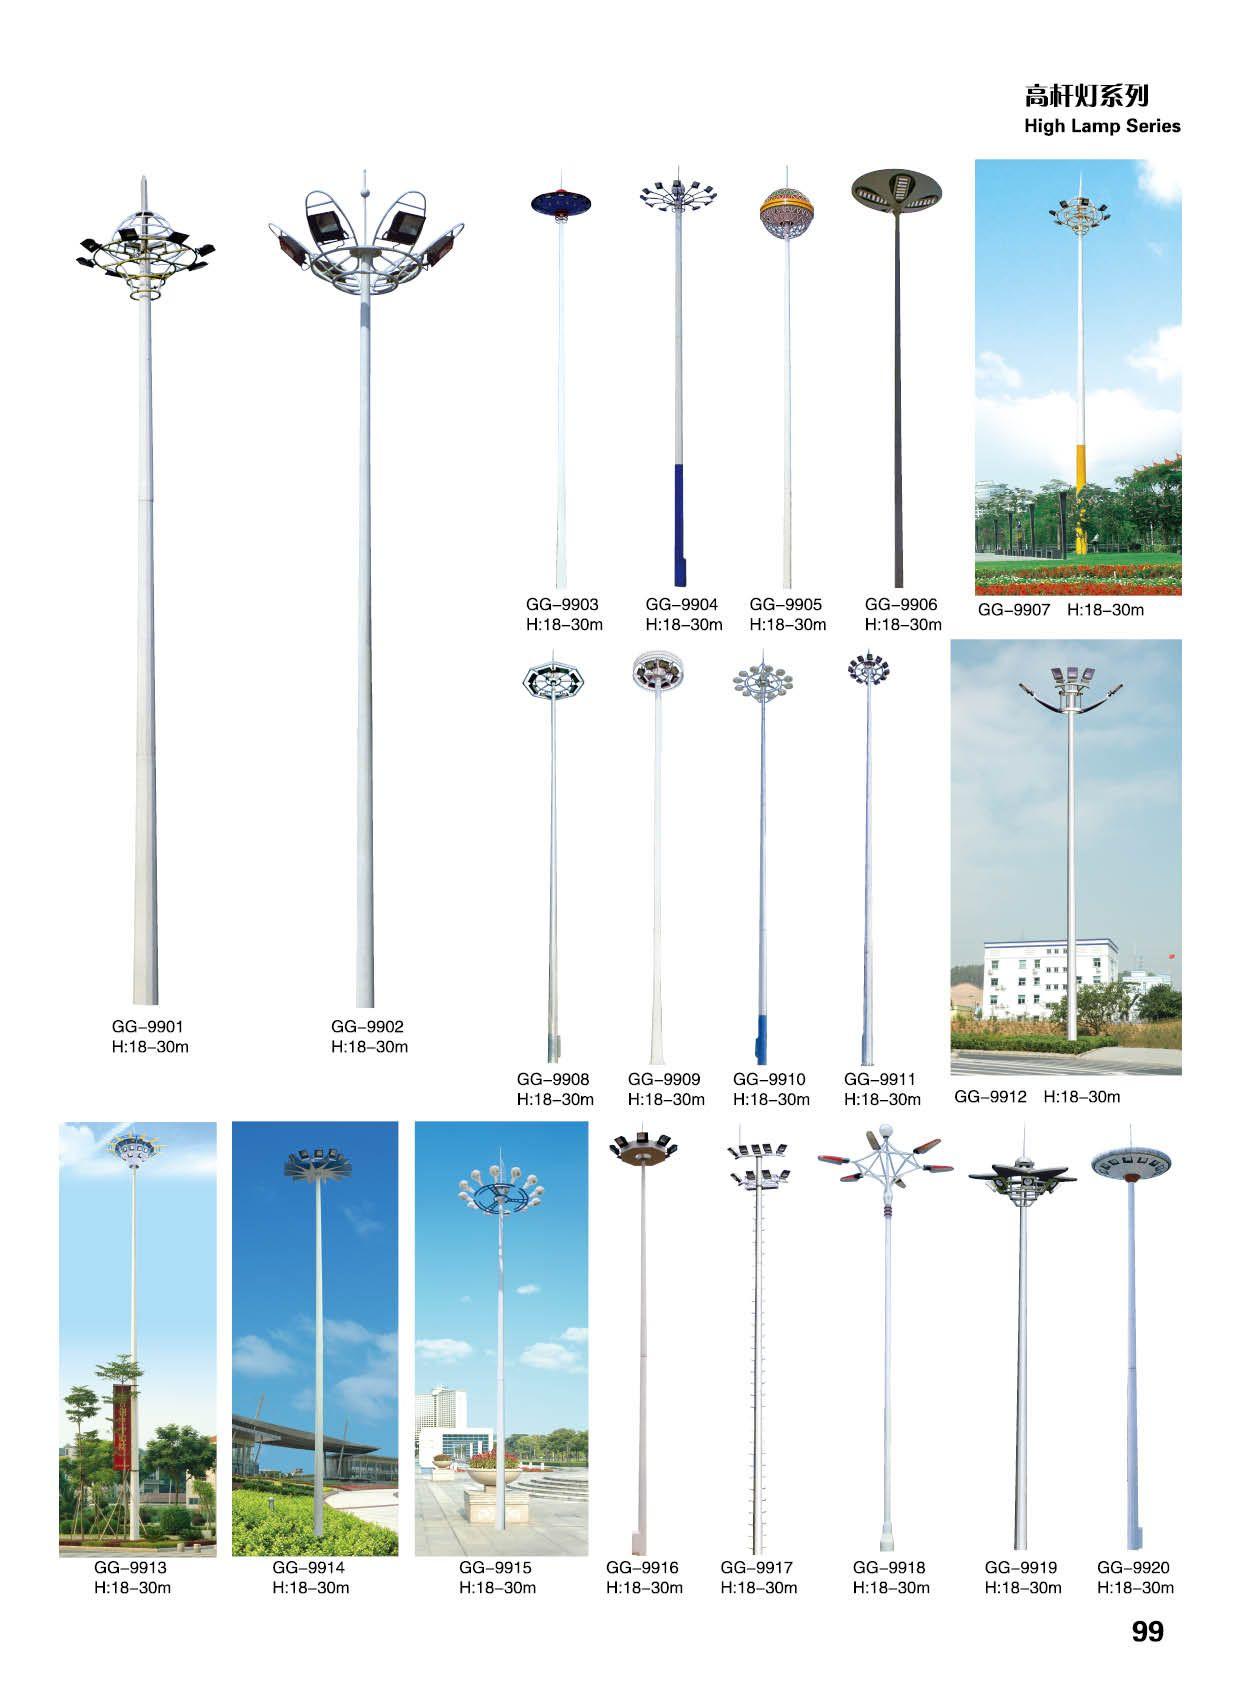 中山市古镇泰展路灯厂创始于1997年, 座落于中国南方路灯生产基地--中山市古镇。是一家专业生产户外照明灯具的厂家,本厂占地面积达5500多平方米,拥有大型先进的生产设备,并拥有十多年经验的设计工程师,结合现代先进的生产工艺技术,细心倾听客户的反馈不断改善产品的质量,使得我们在市场占有分额中不断发展壮大。 为感谢各界朋友10多年来对茗景路灯厂的大力支持,泰展灯饰厂不断提高国内亮化照明设计的生产水平,配合不同环境的造景要求,开发出不同功能的造型灯具。多年来本厂的经营理念是以质量求生存,以诚信立市场;让客